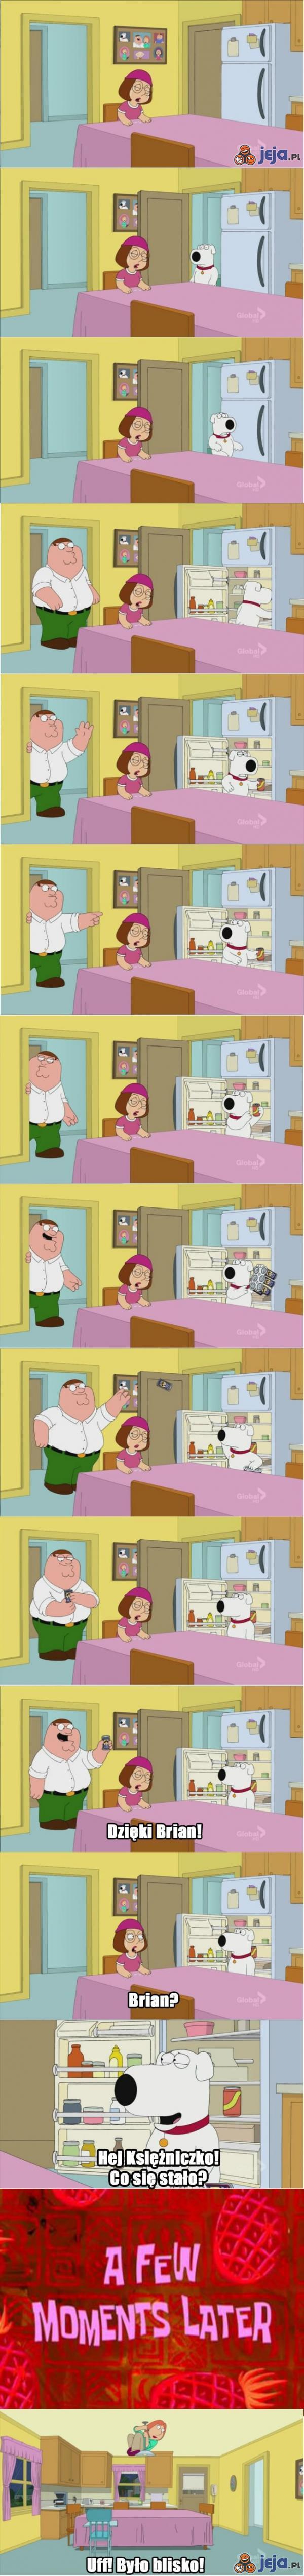 Nikt nie lubi Meg - Family Guy